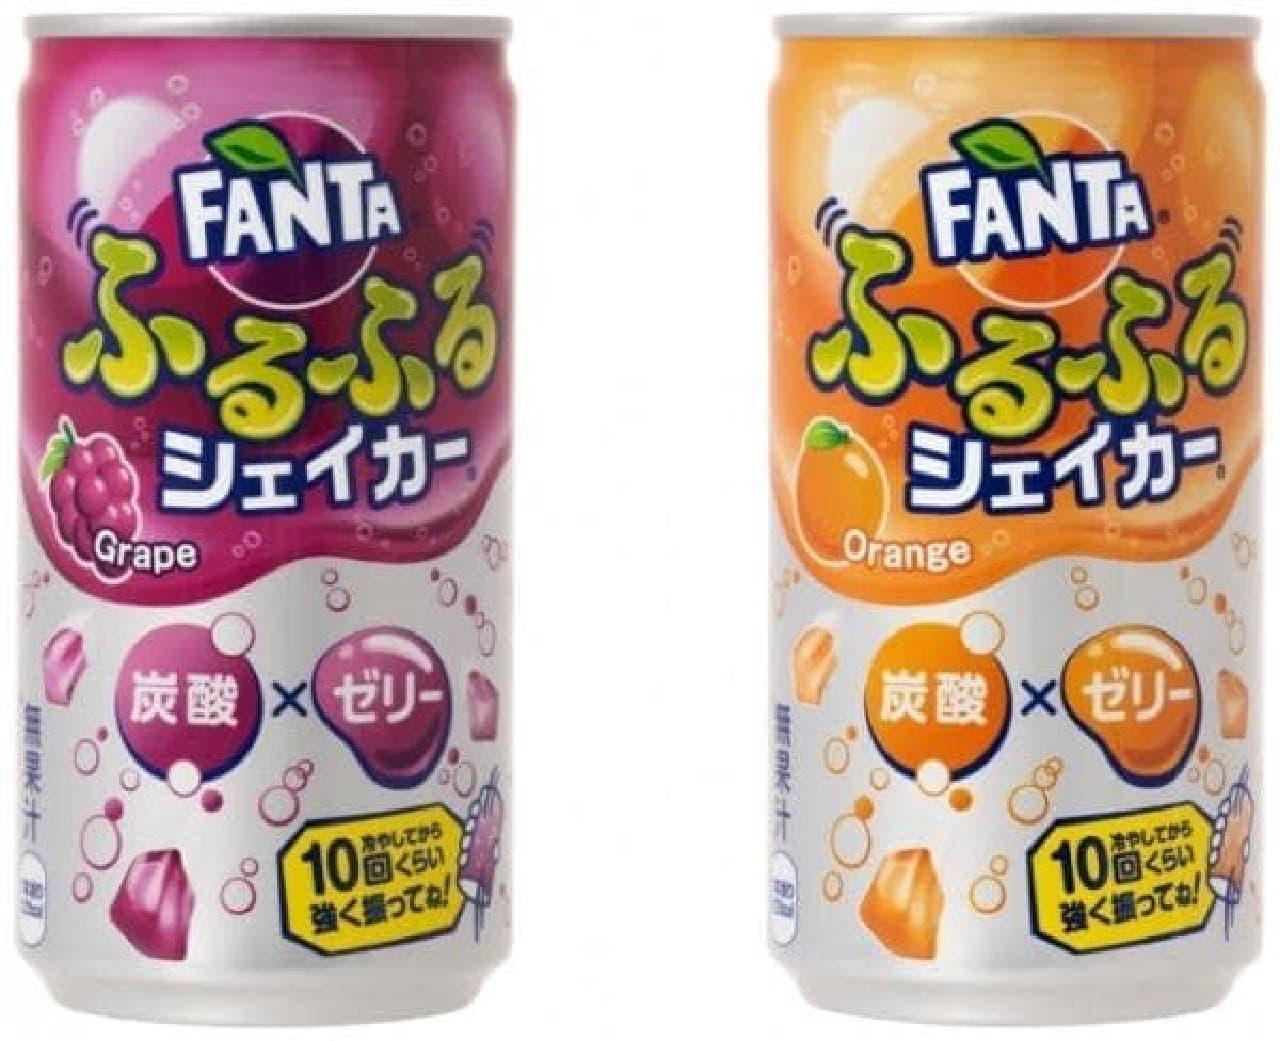 コカ・コーラ「ファンタ ふるふるシェイカー」